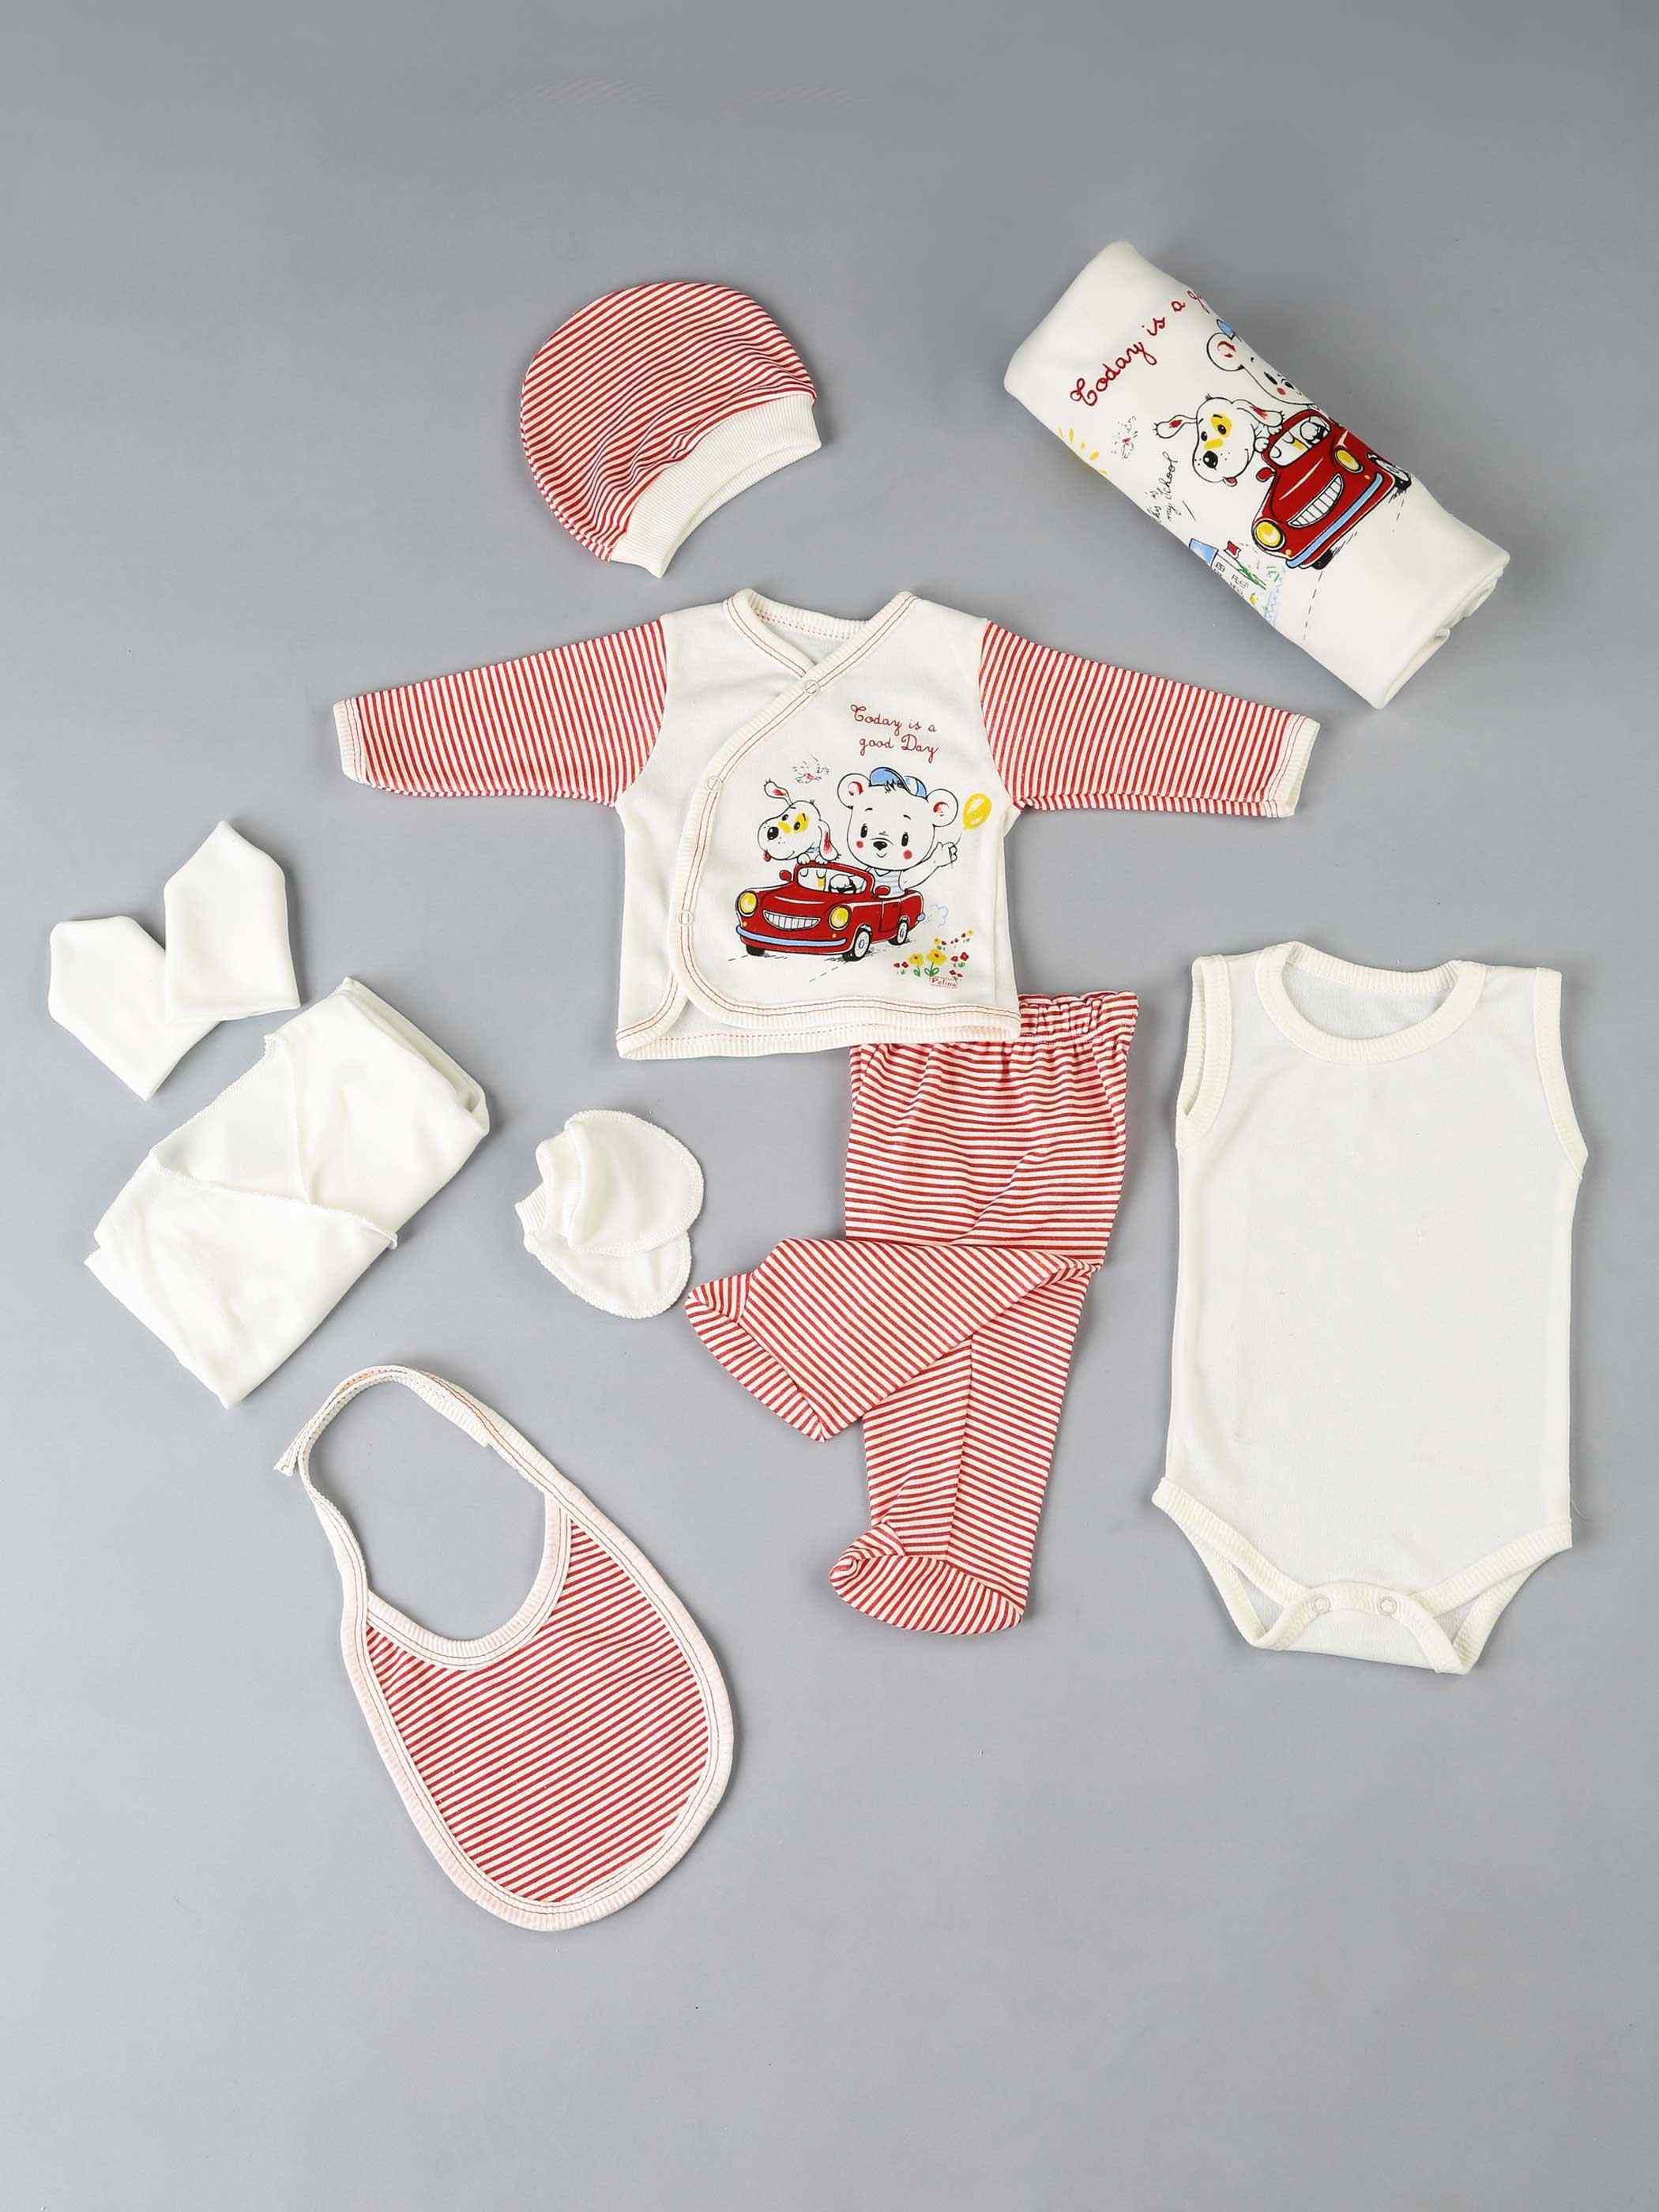 Dziewczynka noworodek księżniczka chłopiec dżentelmen niemowlęta 10 sztuk ubrania bawełniane codzienne letnie antyalergiczne stroje odzieżowe